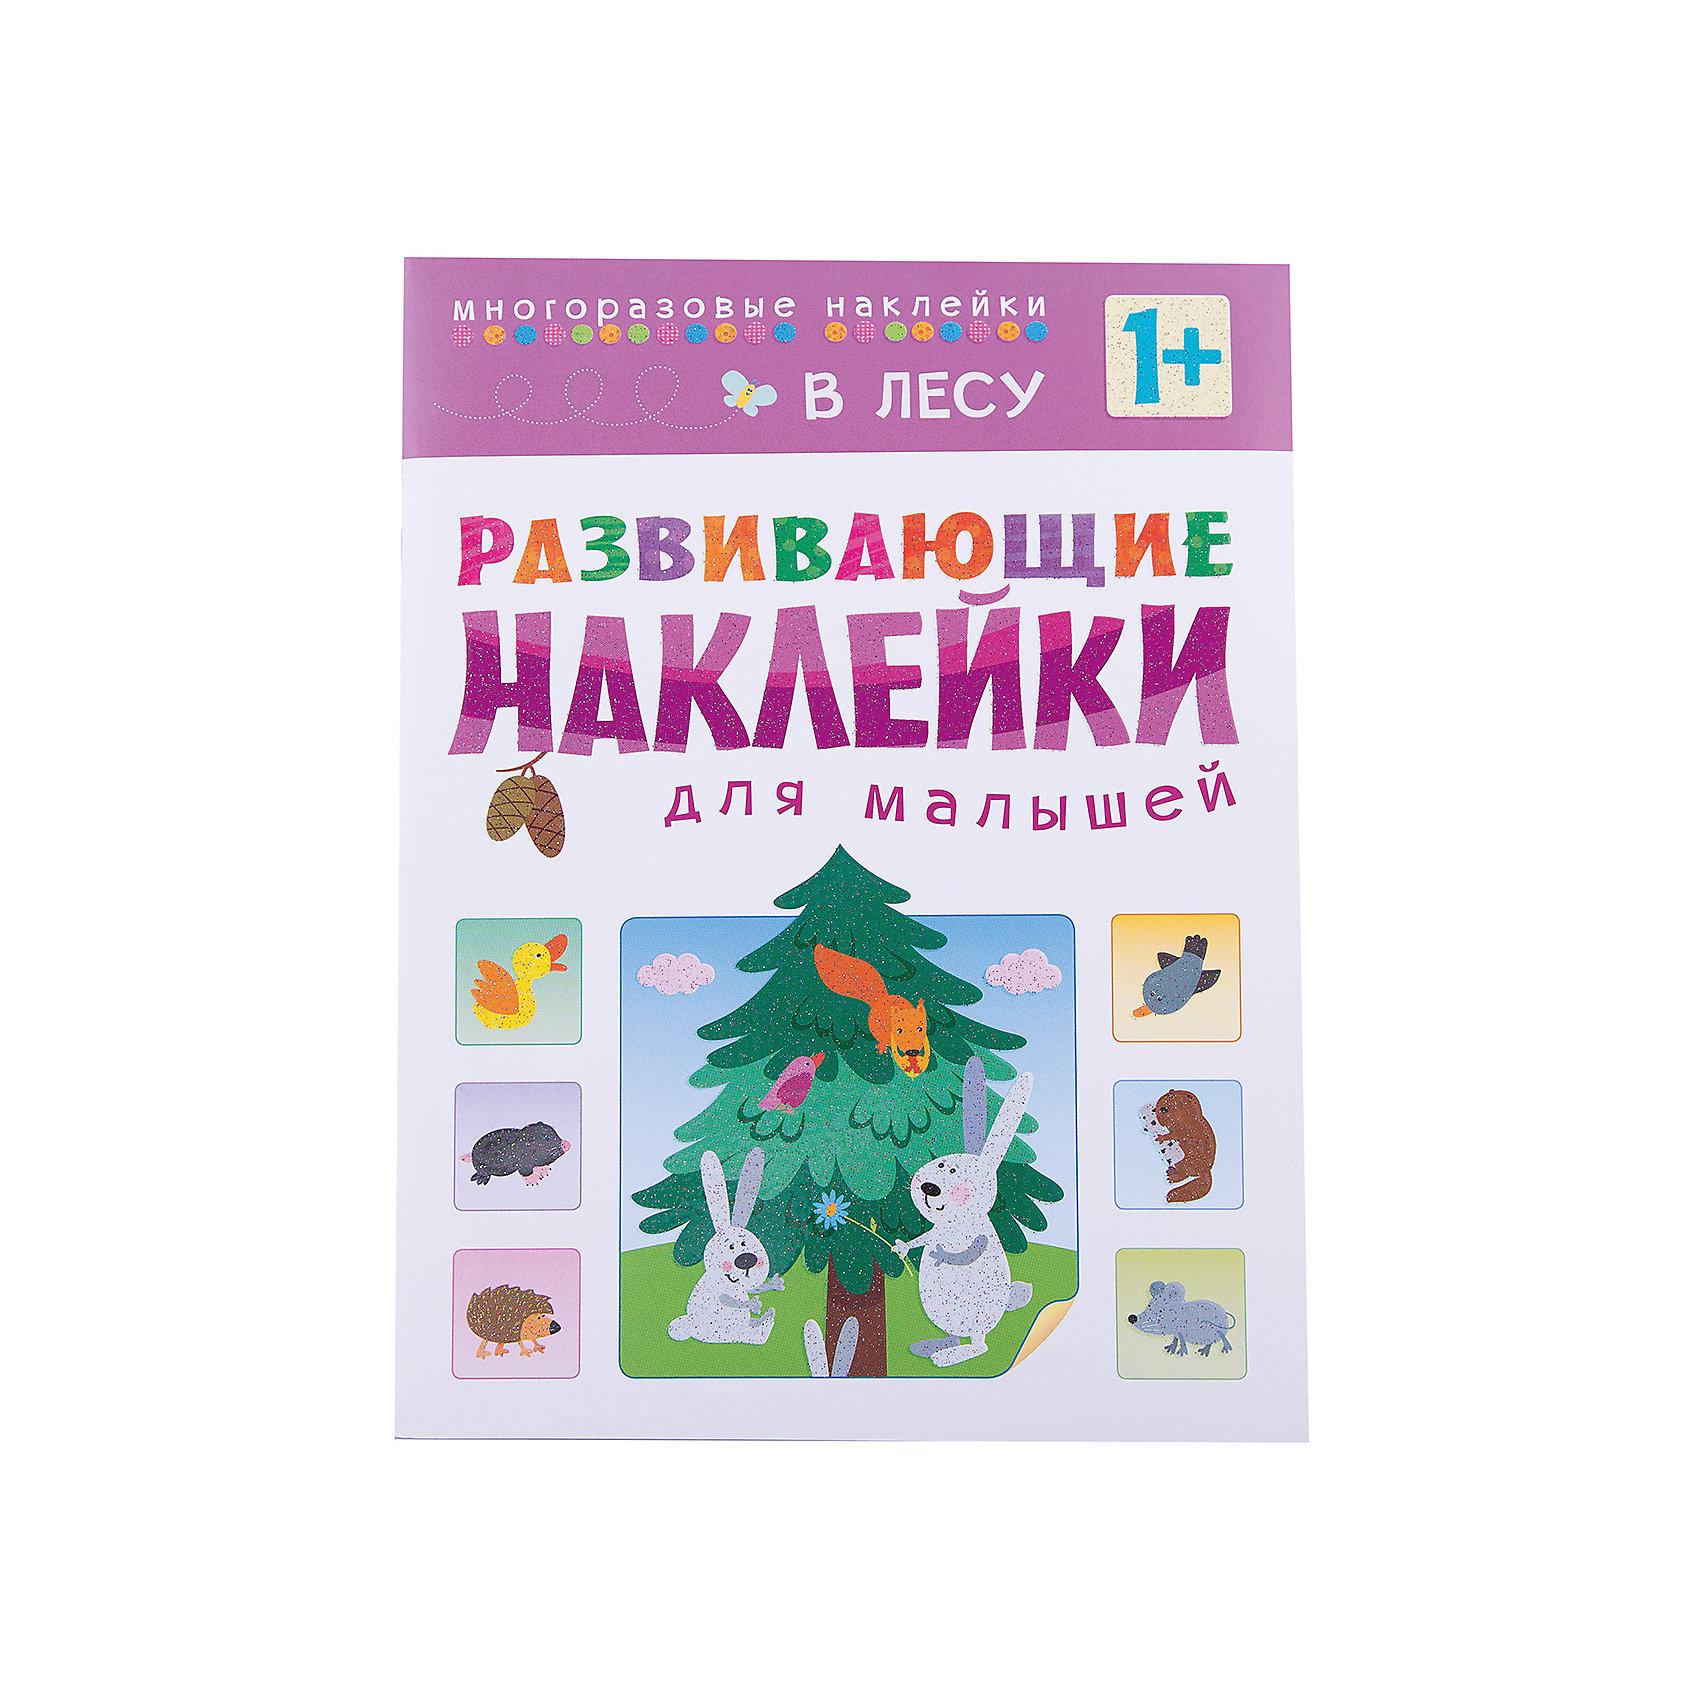 Мозаика-Синтез Книга Развивающие наклейки для малышей. В лесу обучающая книга мозаика синтез развивающие наклейки для малышей один много мс10355